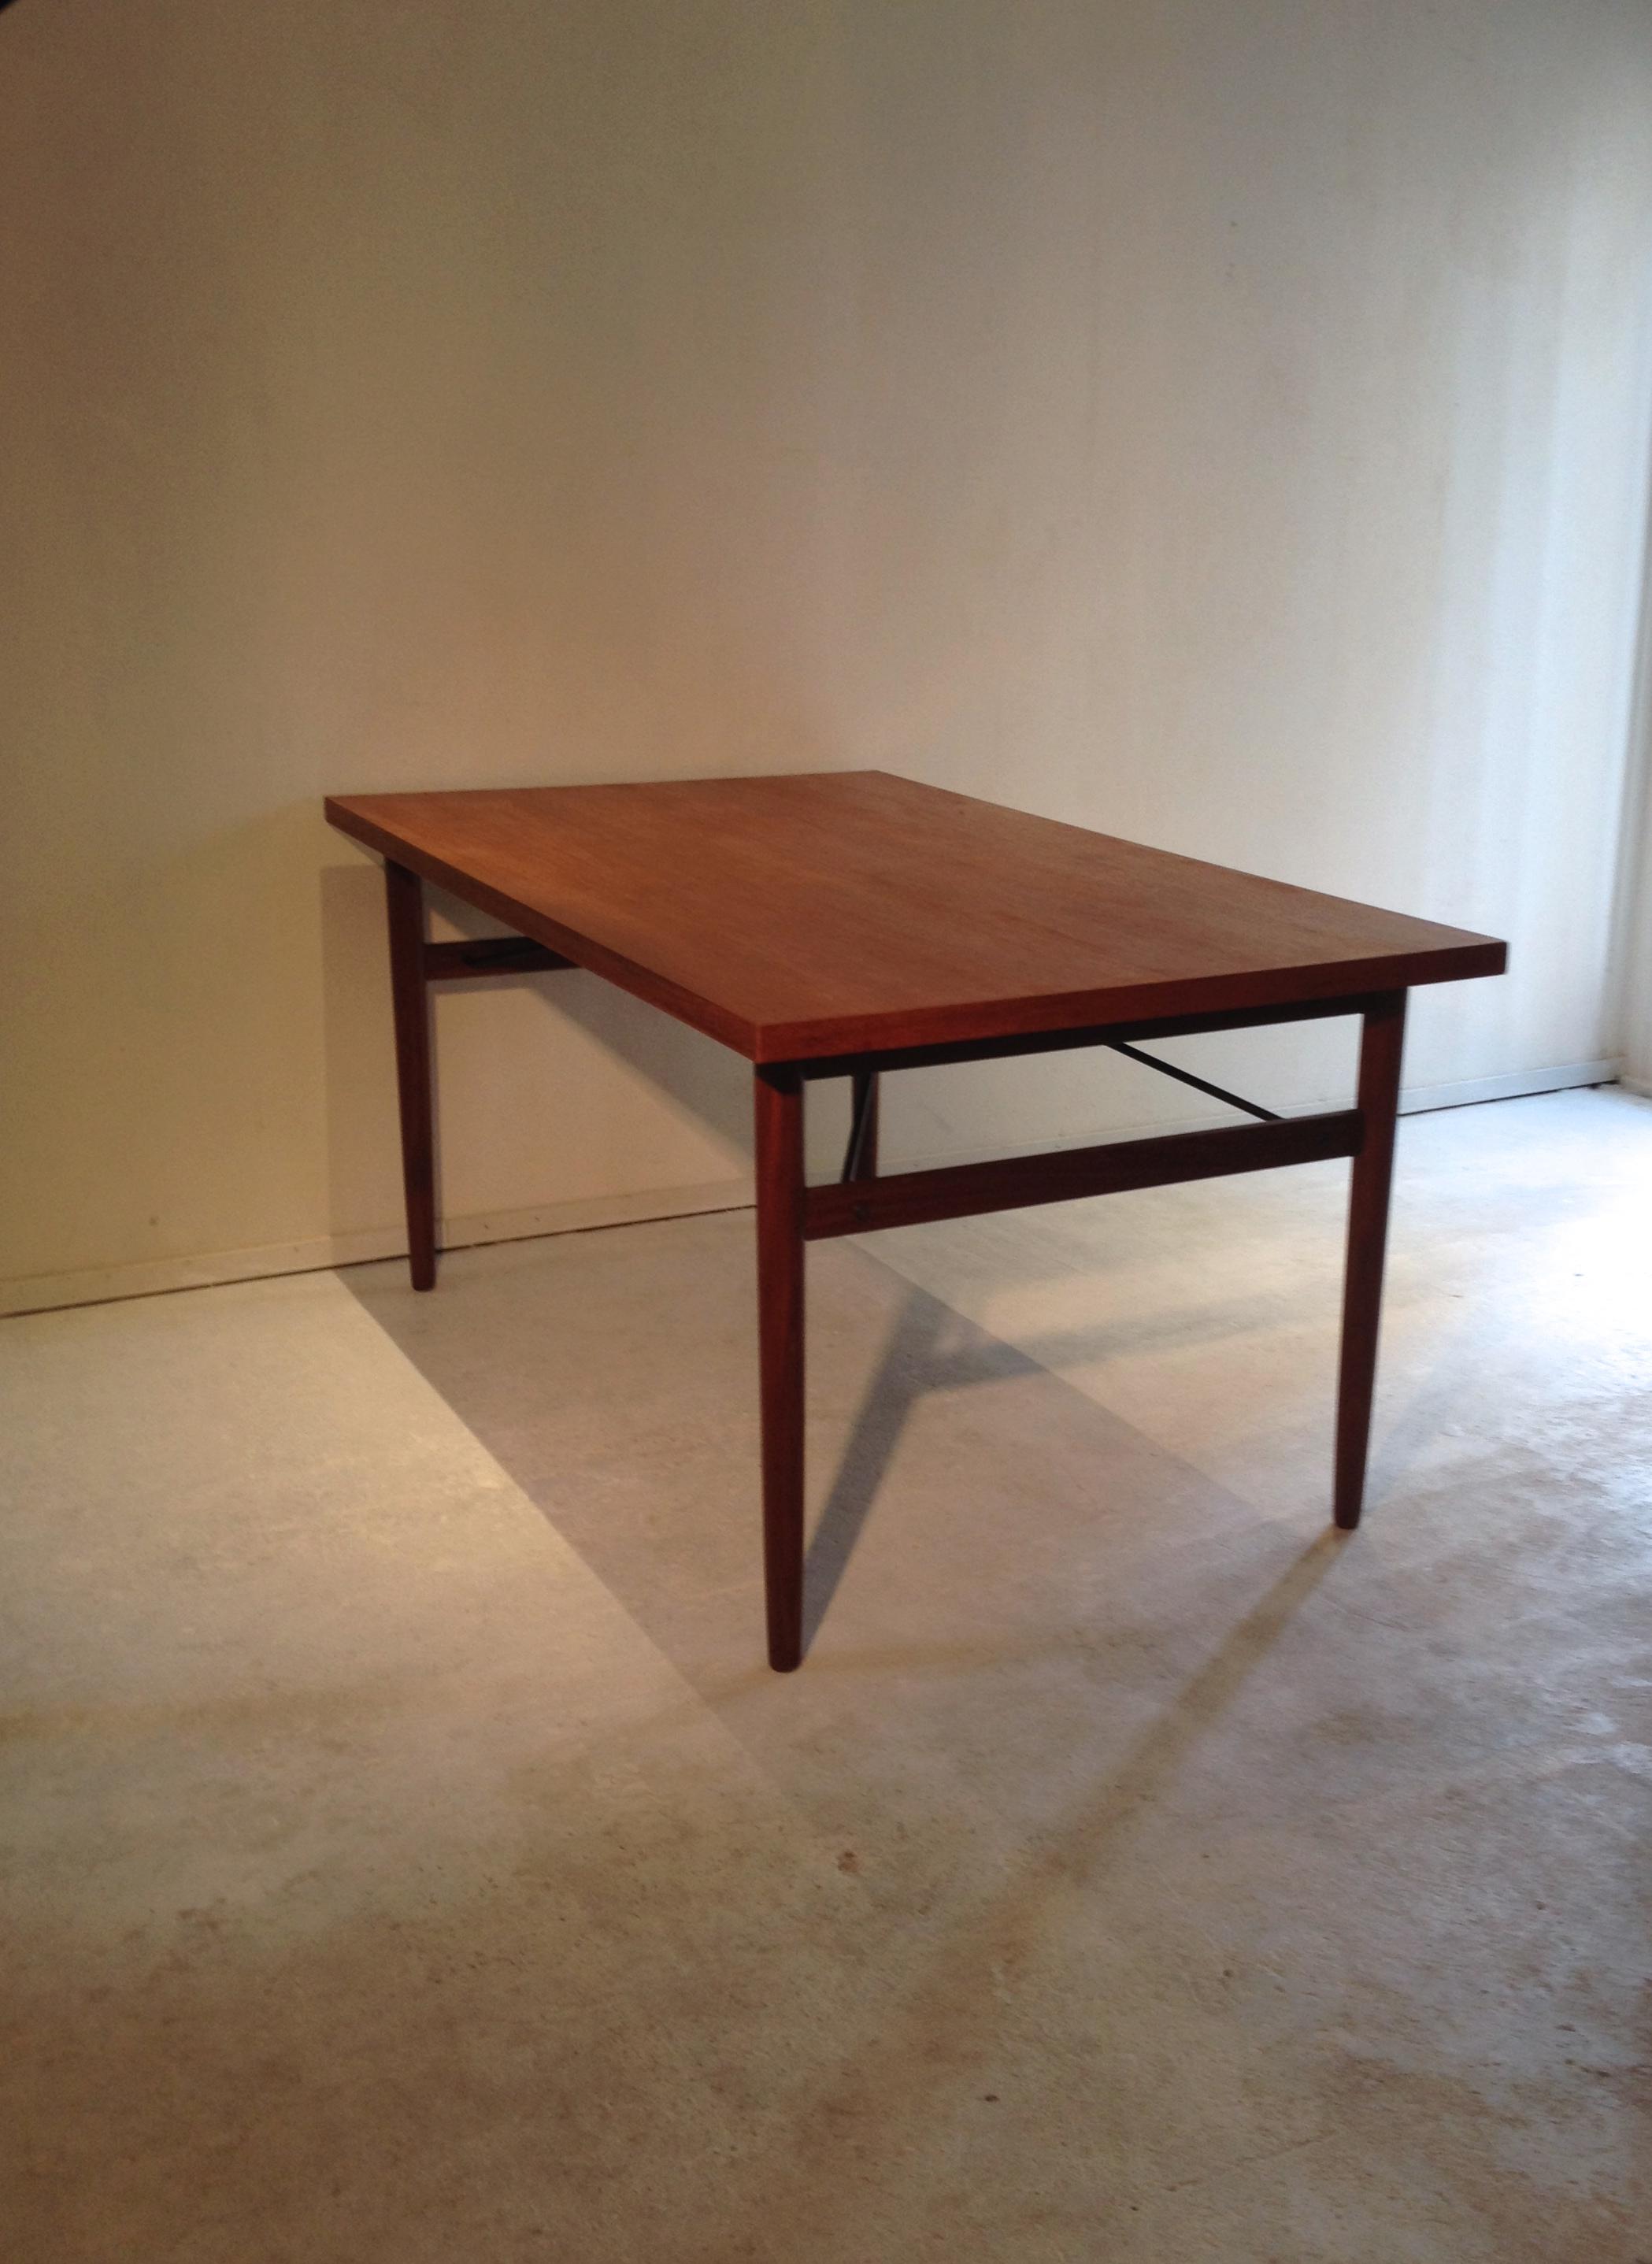 Teak Designed Dining Table Vintage Station : IMG0143 from www.vintage-station.com size 2098 x 2875 jpeg 1357kB